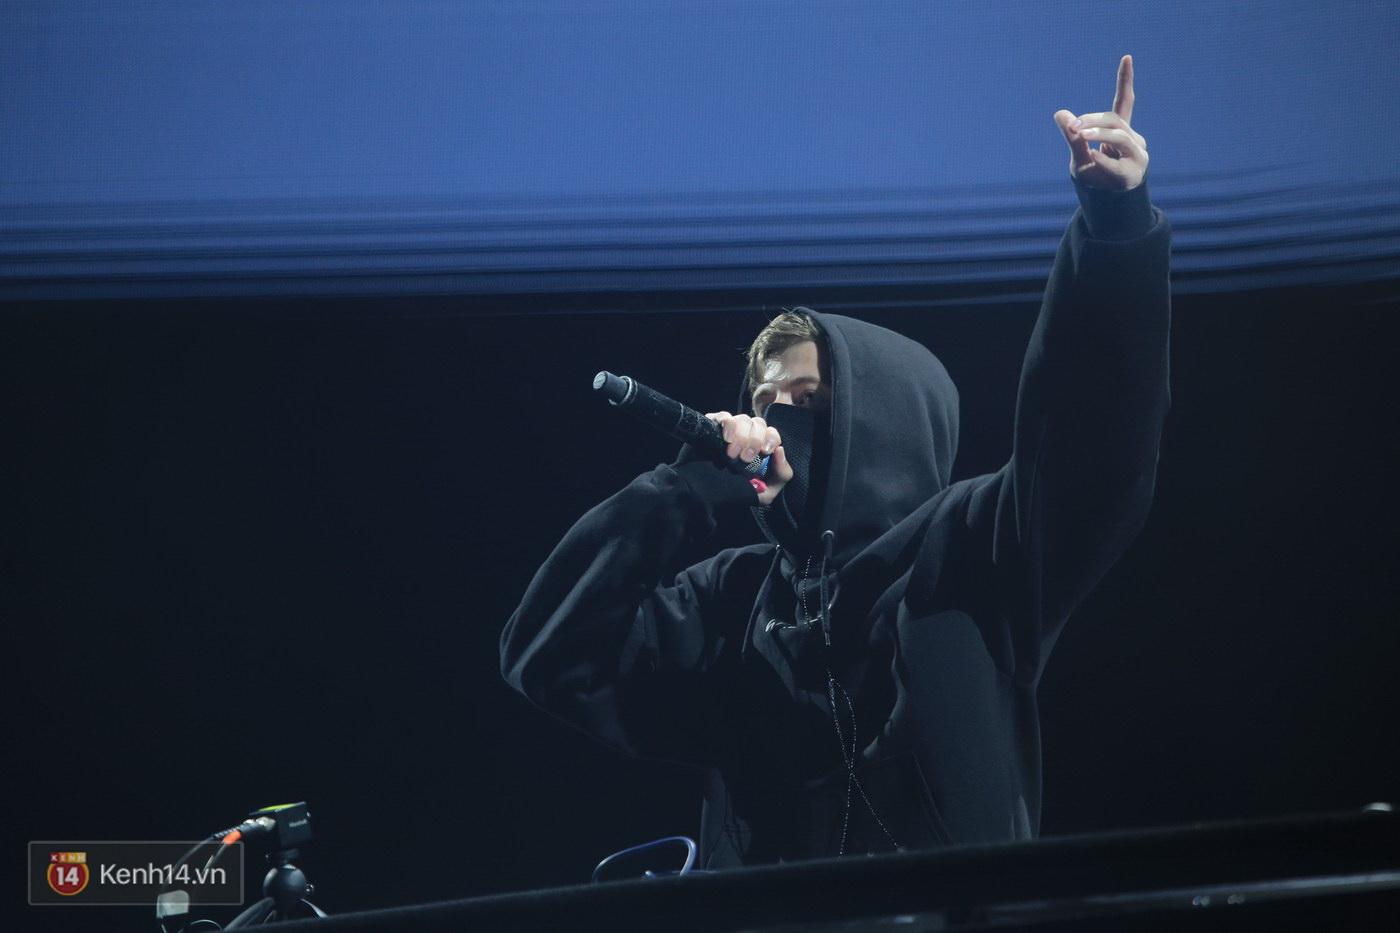 Khán giả Hà thành sướng tai đã mắt với đại nhạc hội EDM của Alan Walker và Nick Romero - Ảnh 3.